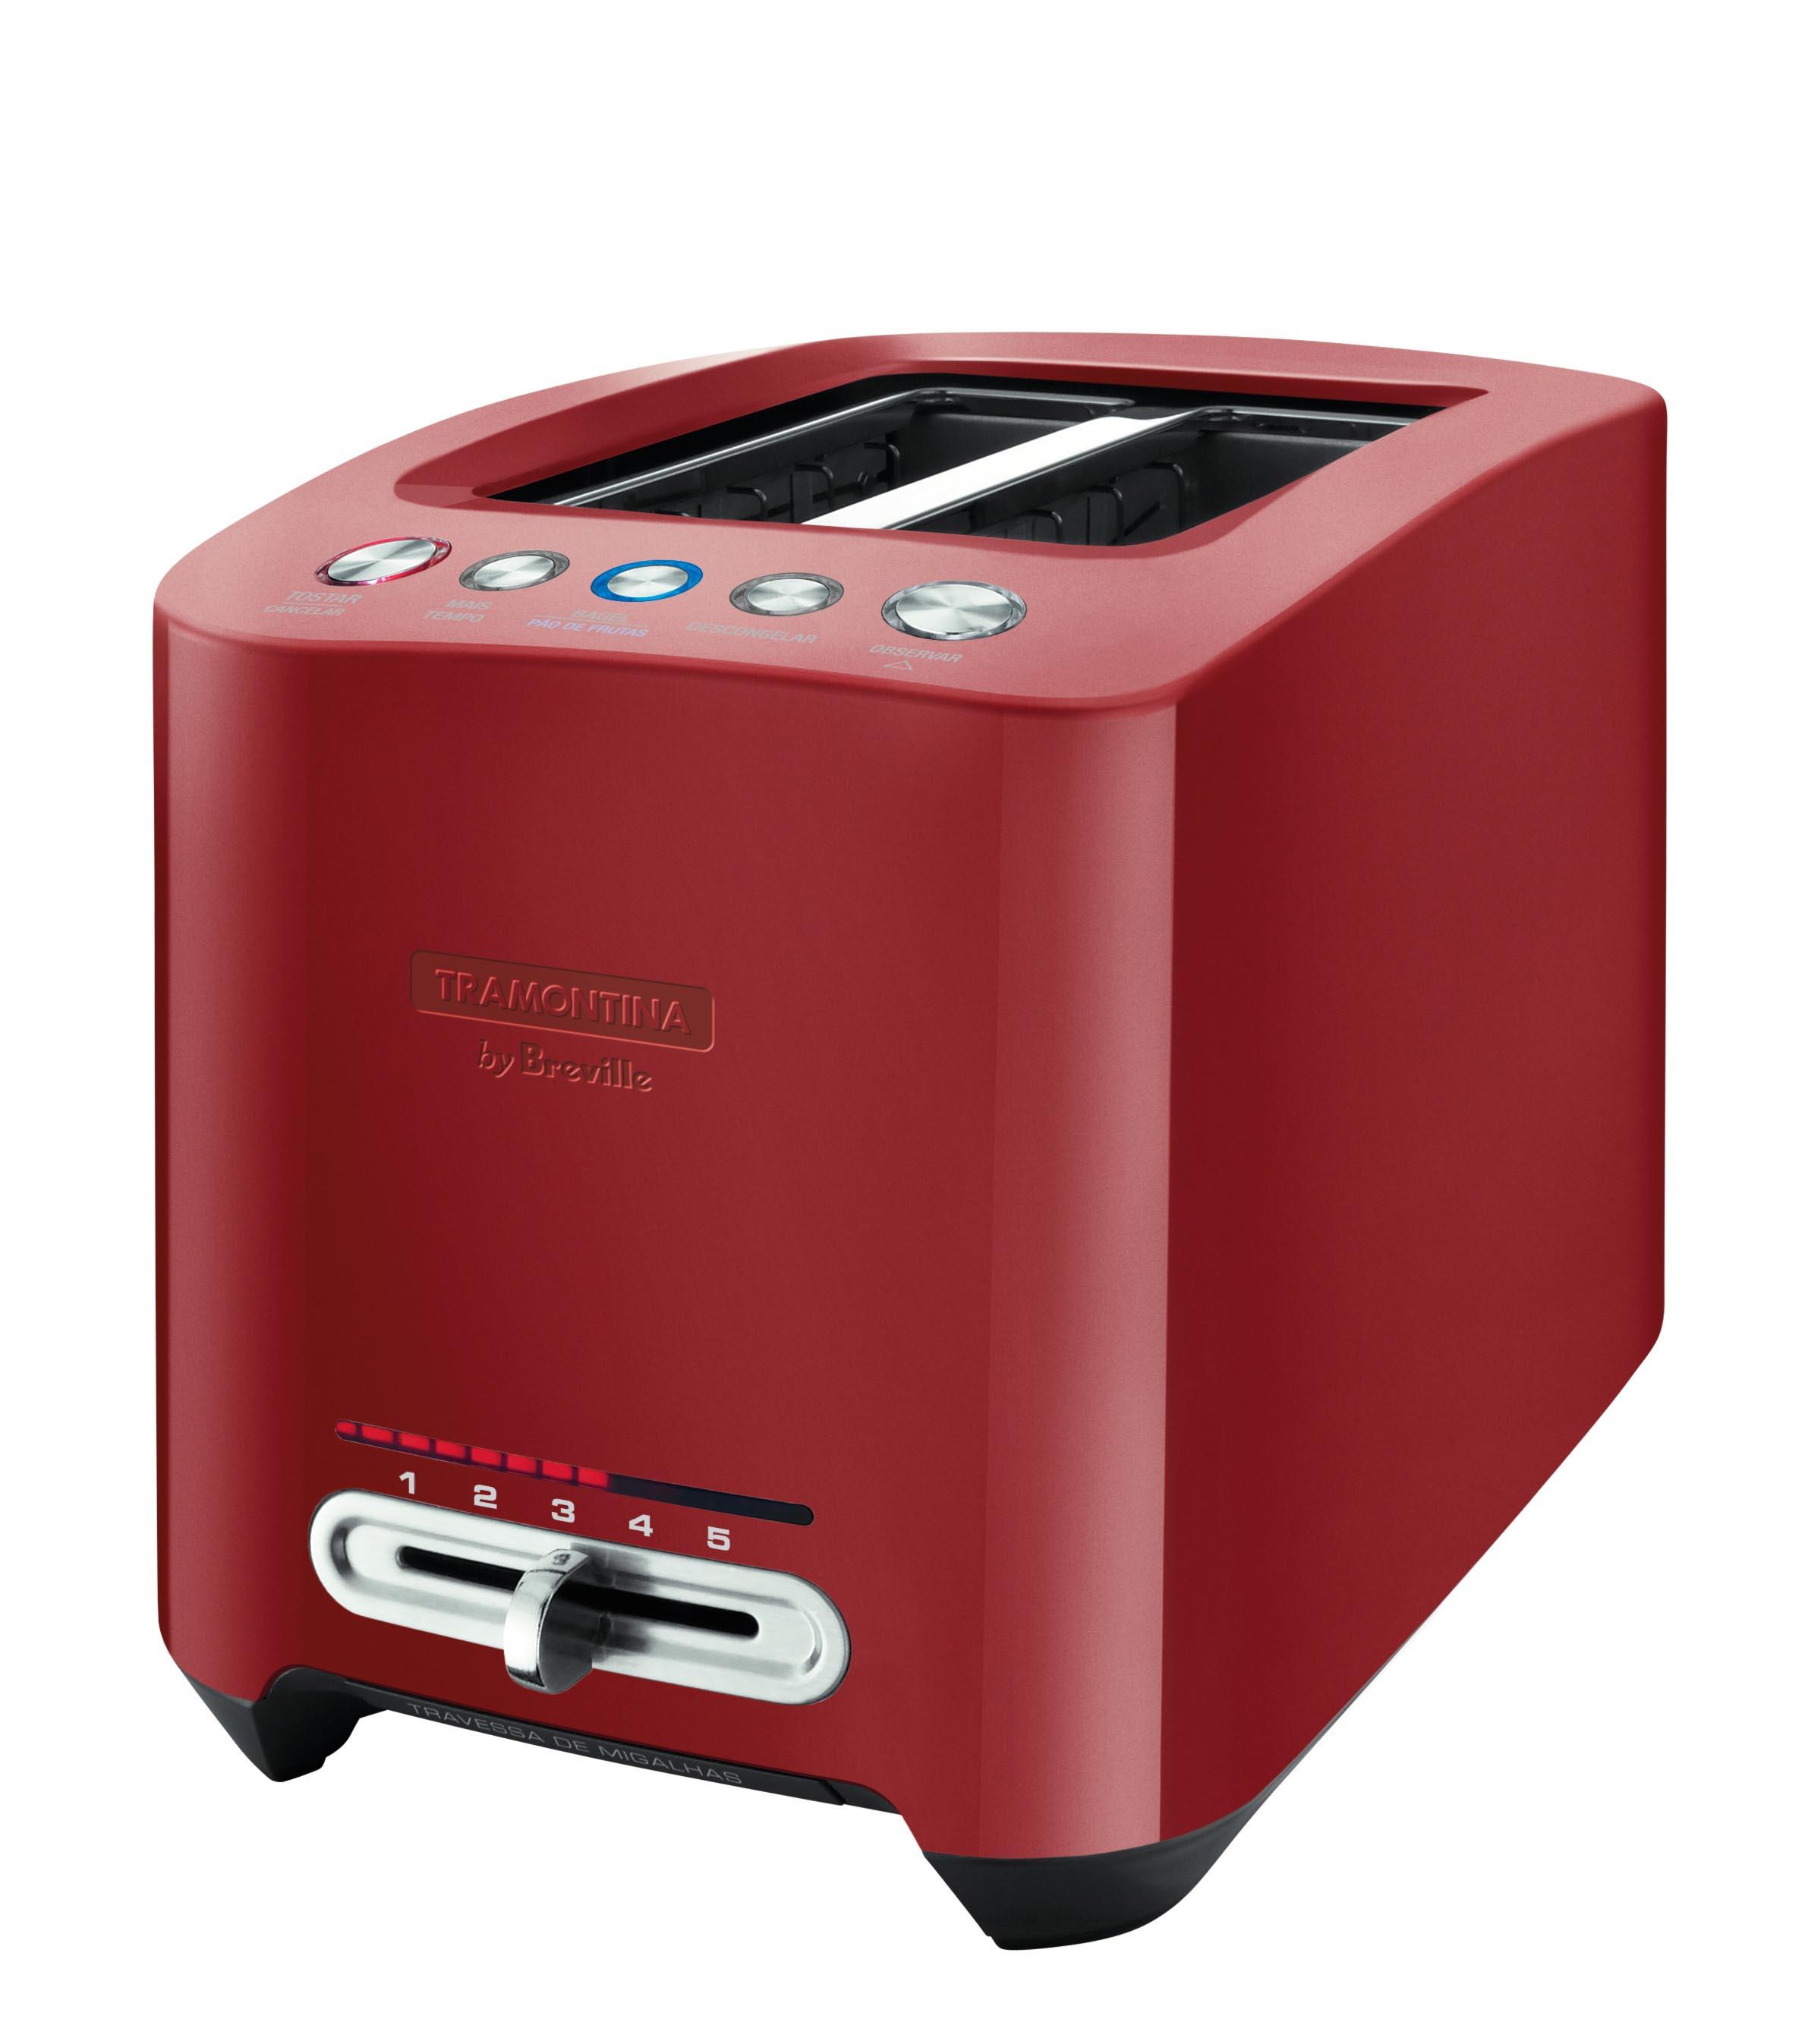 Torradeira Smart 220V Aço Inox Vermelha Breville 69045022 Tramontina